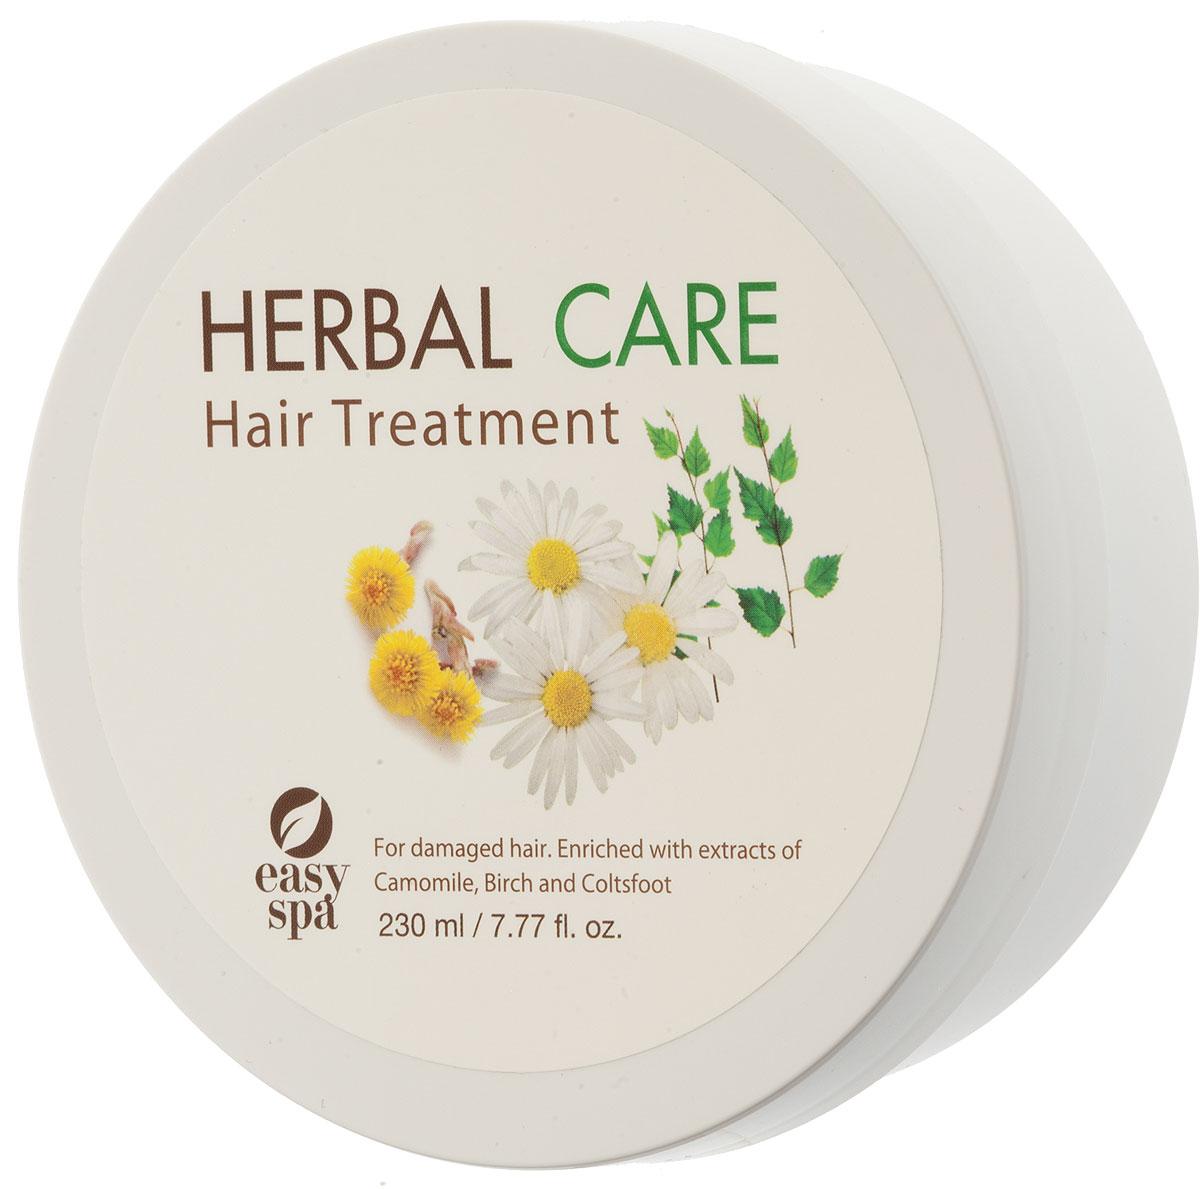 Easy Spa Маска для повреждённых волос Herbal Care, 230 мл61546Концентрированный крем для лечения волос распутывает и смягчает волосы, придает им блеск и эластичность. Содержит экстракт шелка, Д-пантенол, масло жожоба, экстракты ромашки, березы и мать-и-мачехи, которые бережно ухаживают за кожей головы и восстанавливают поврежденную структуру волос. Применение: после мытья волос нанесите на влажные волосы, сделайте массаж от корней до кончиков, и оставьте на 10-15 минут, затем промойте в чистой воде.